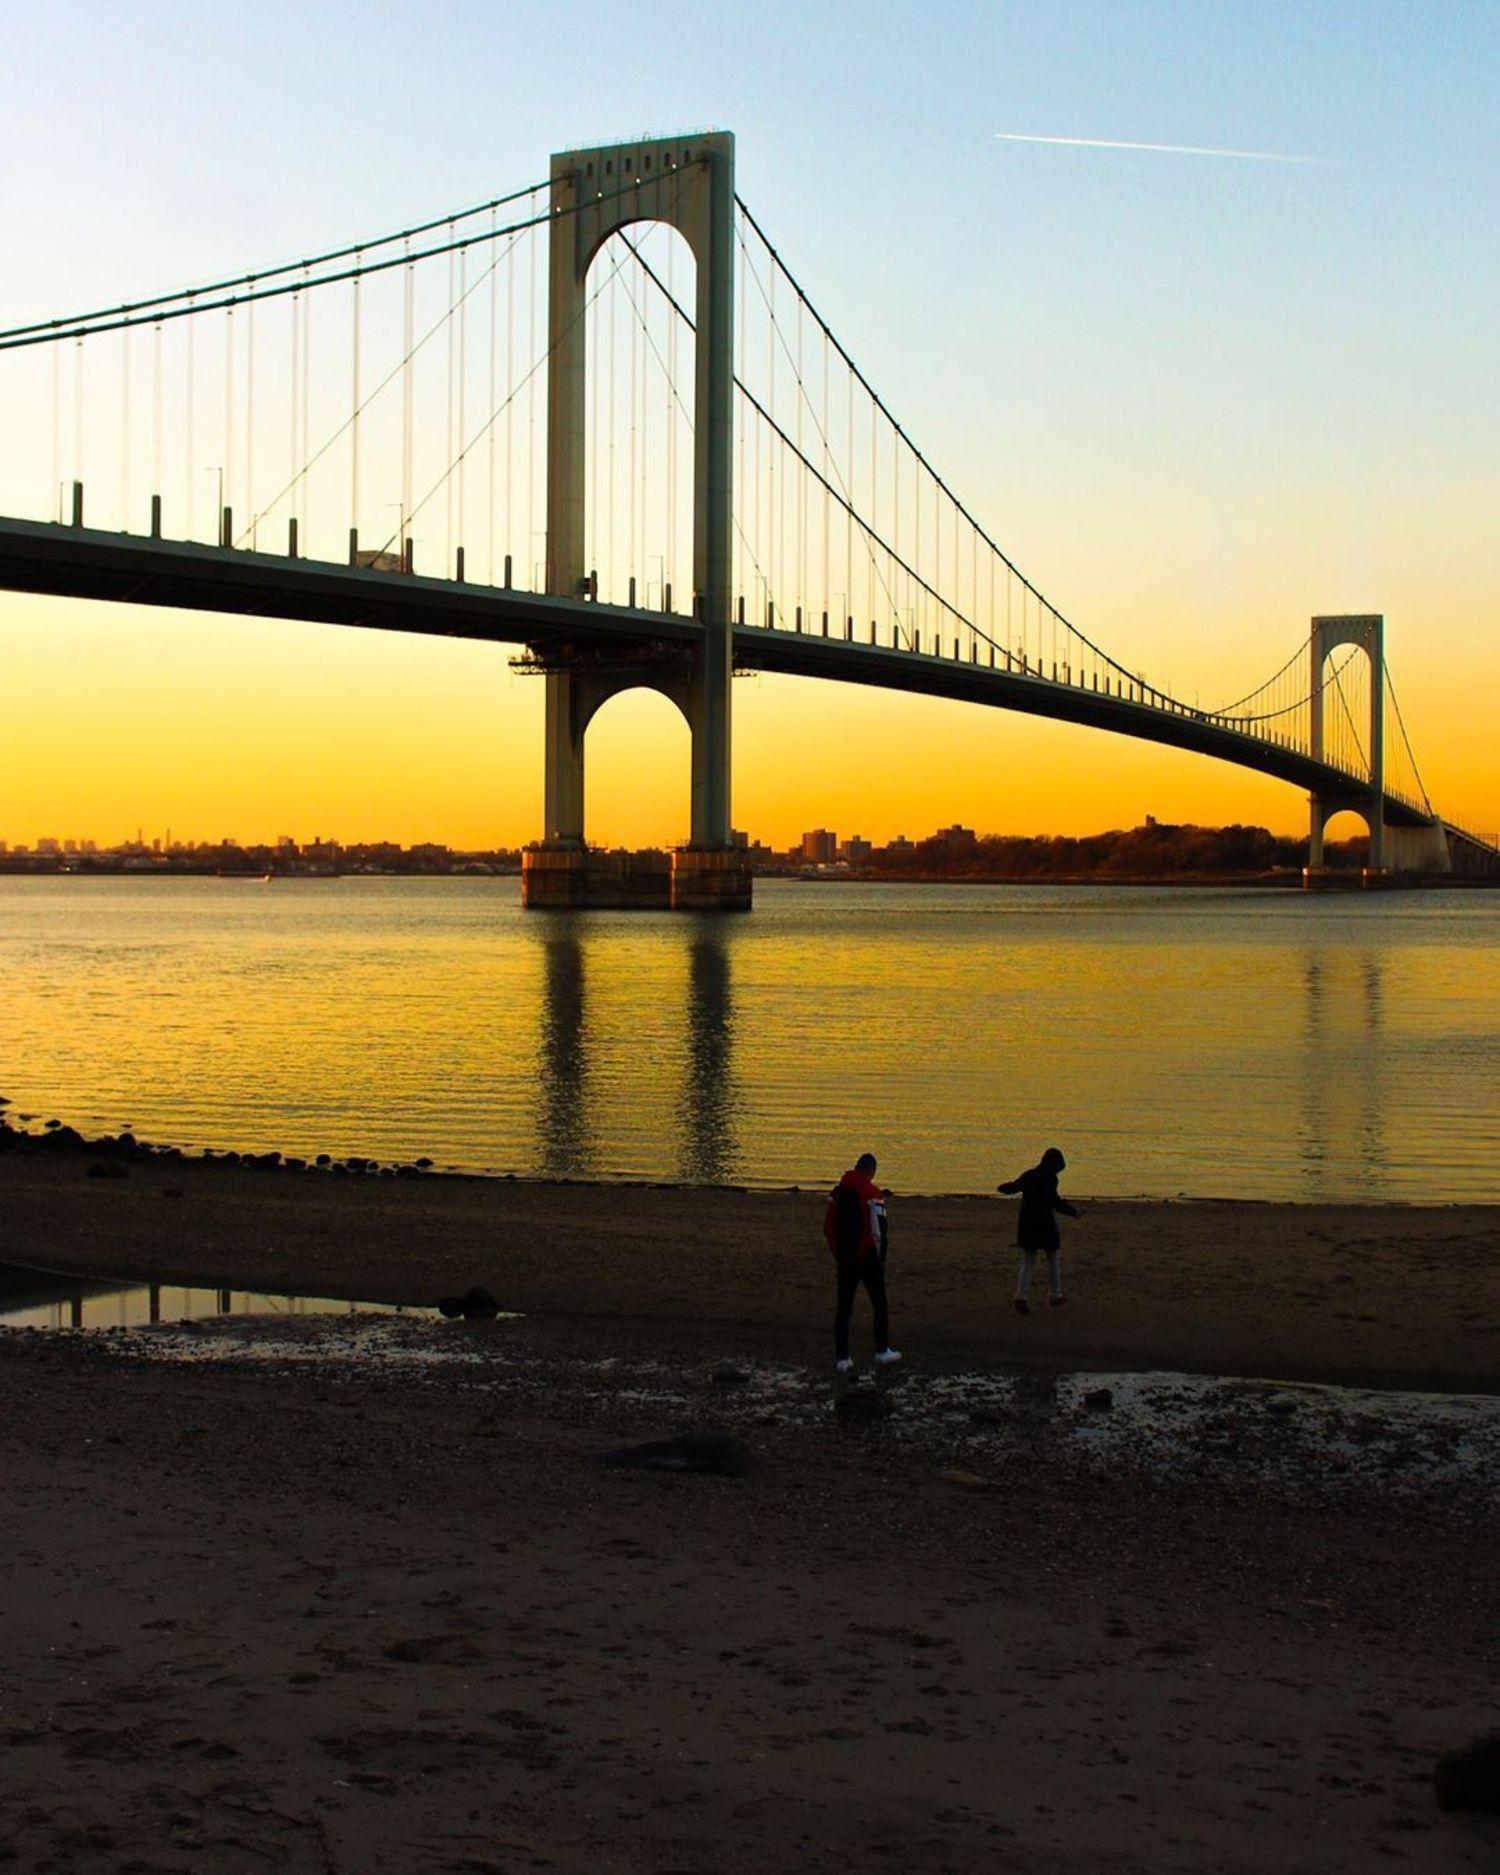 Whitestone Bridge, Bronx, New York